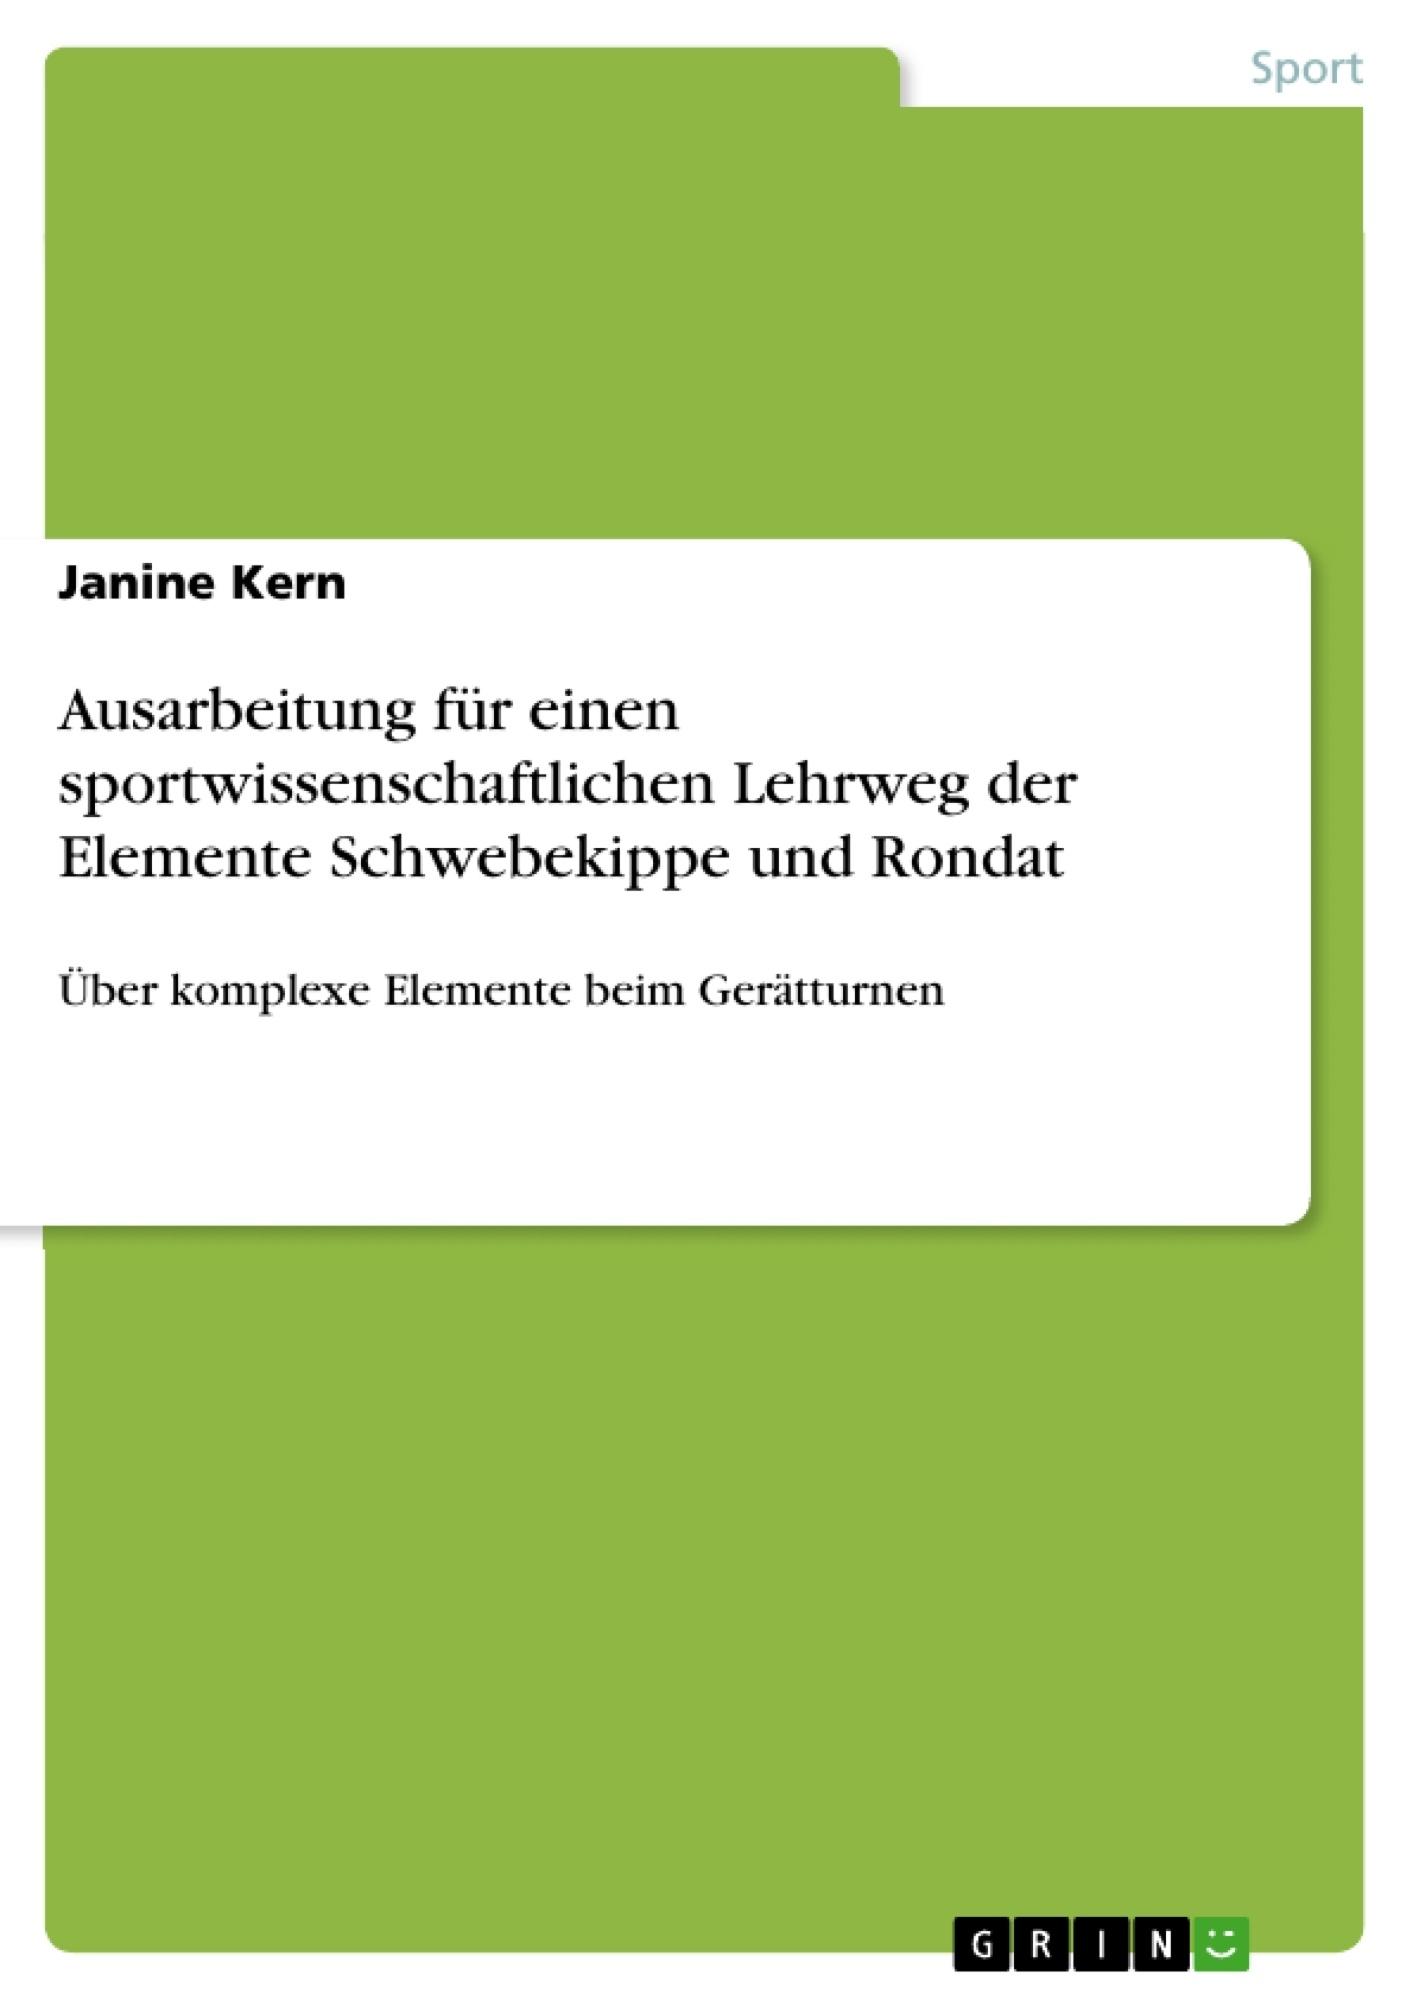 Titel: Ausarbeitung für einen sportwissenschaftlichen Lehrweg der Elemente Schwebekippe und Rondat